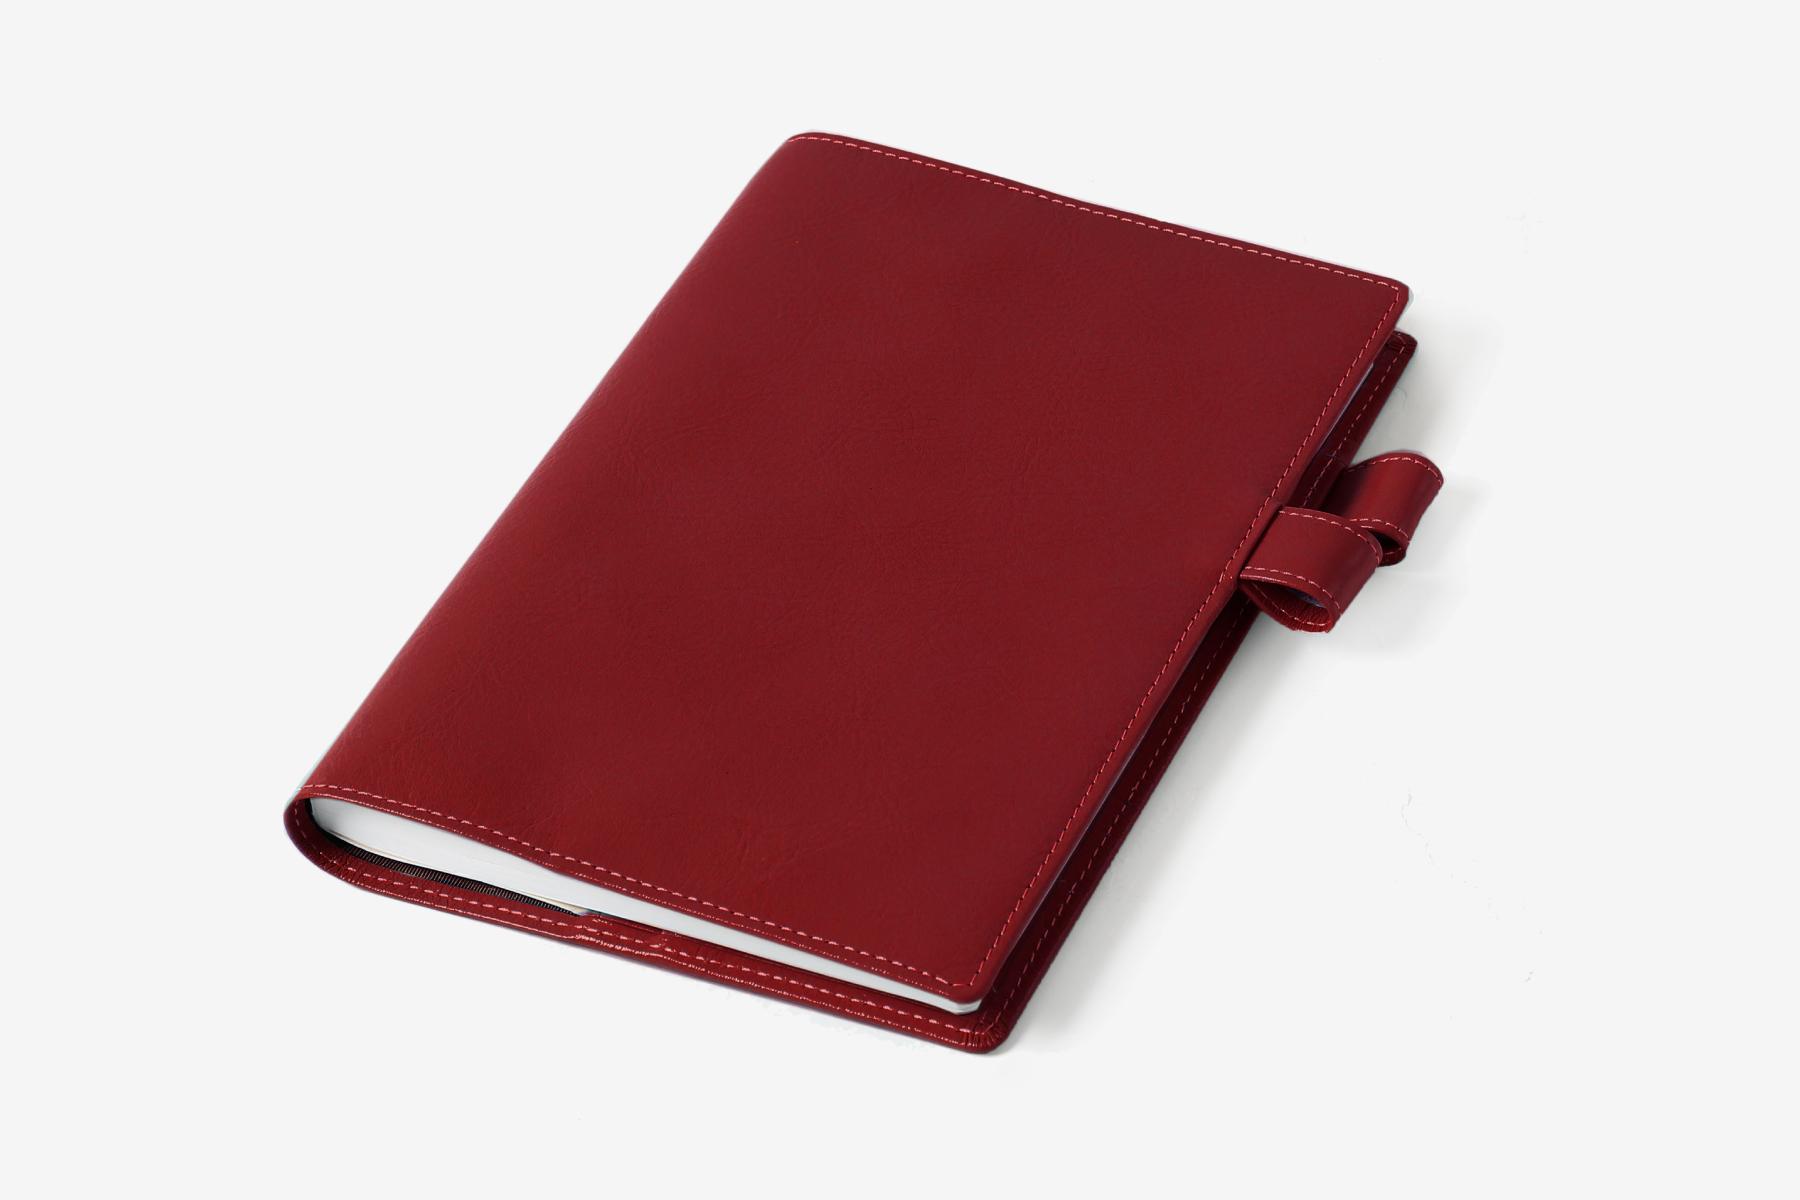 B6サイズ手帳カバー・バタフライストッパー付きのディープレッド